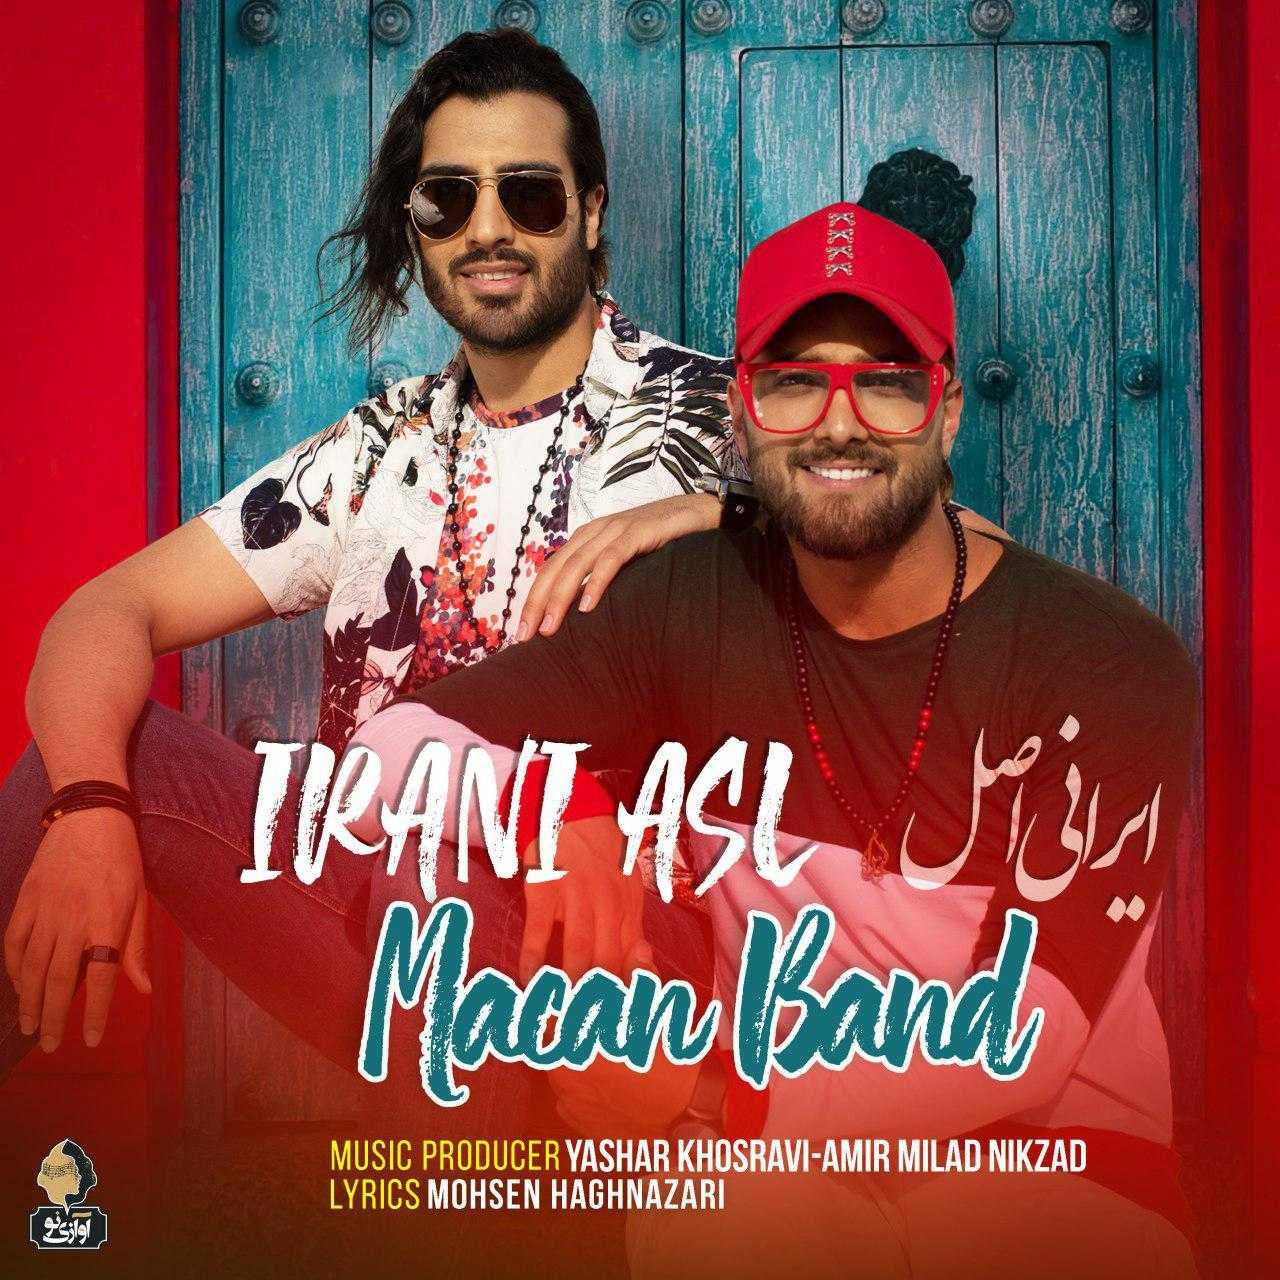 دانلود آهنگ جدیدماکان بند به نام ایرانی اصل